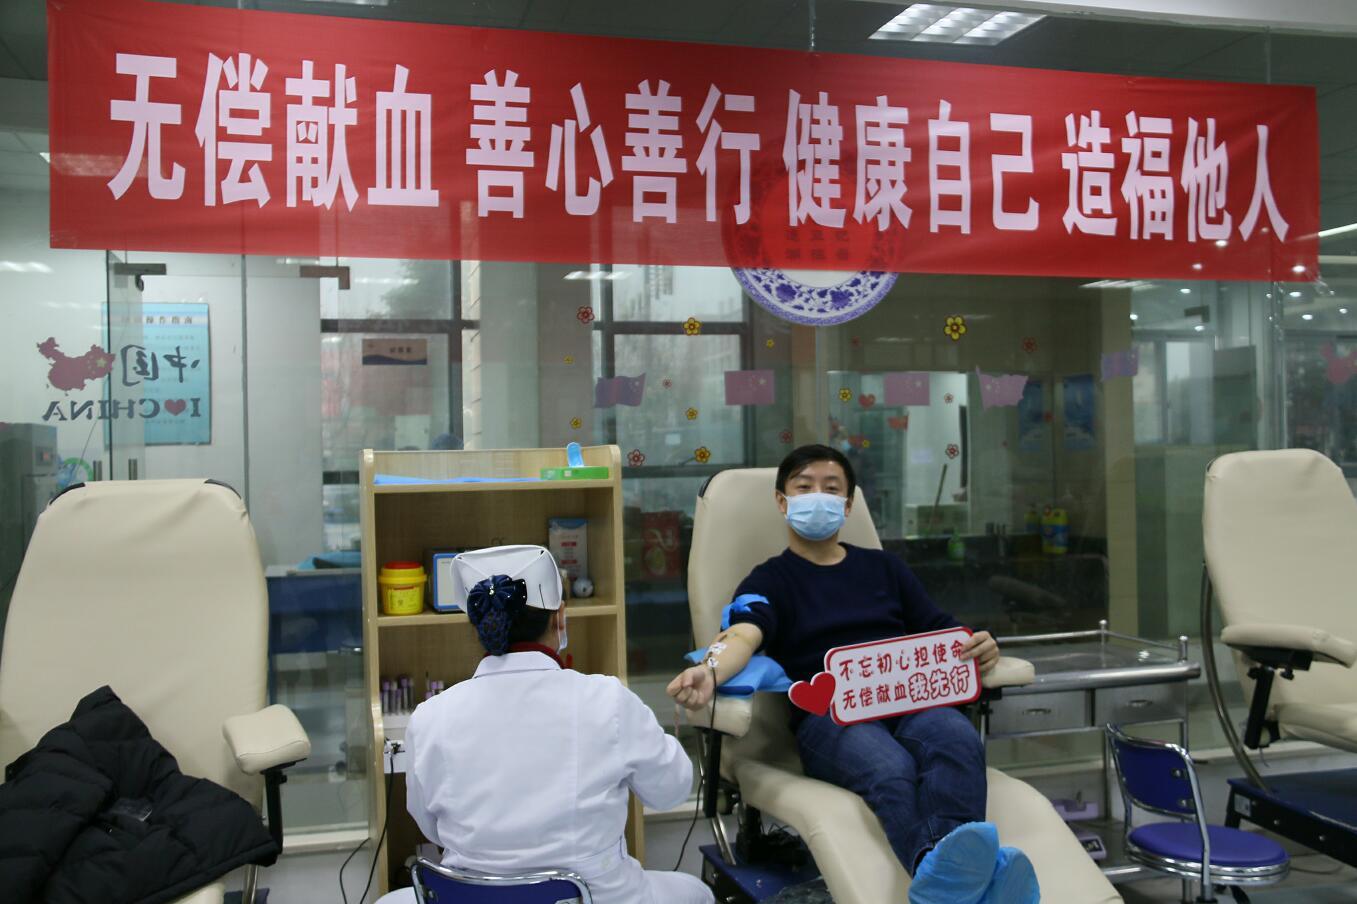 江西省血液中心职工新冠疫苗接种前带头献血